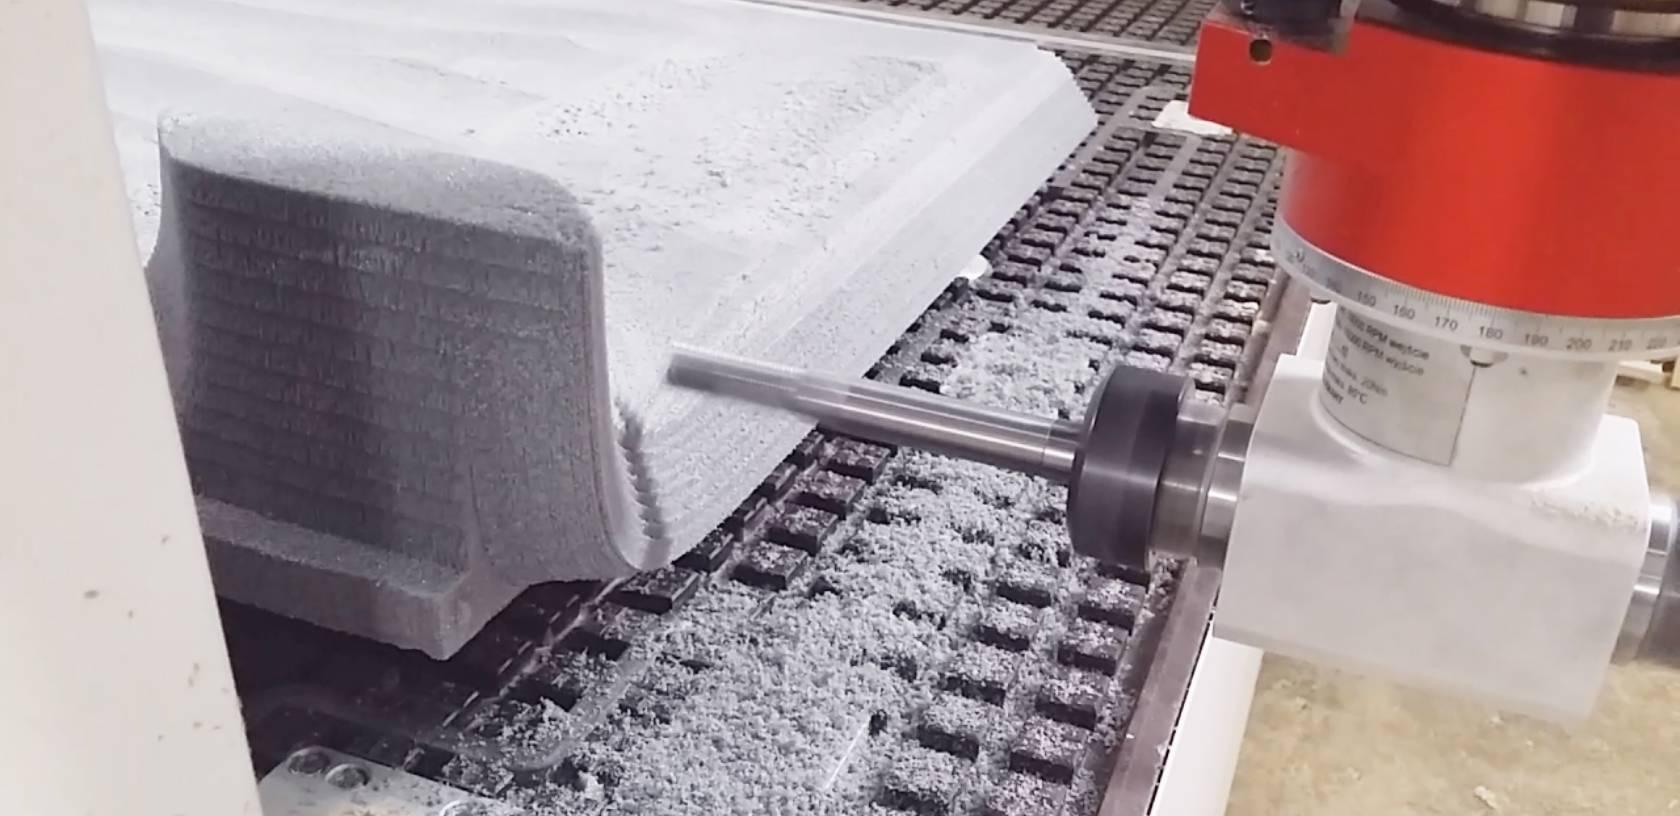 styrodur na maszynie podczas frezowania CNC